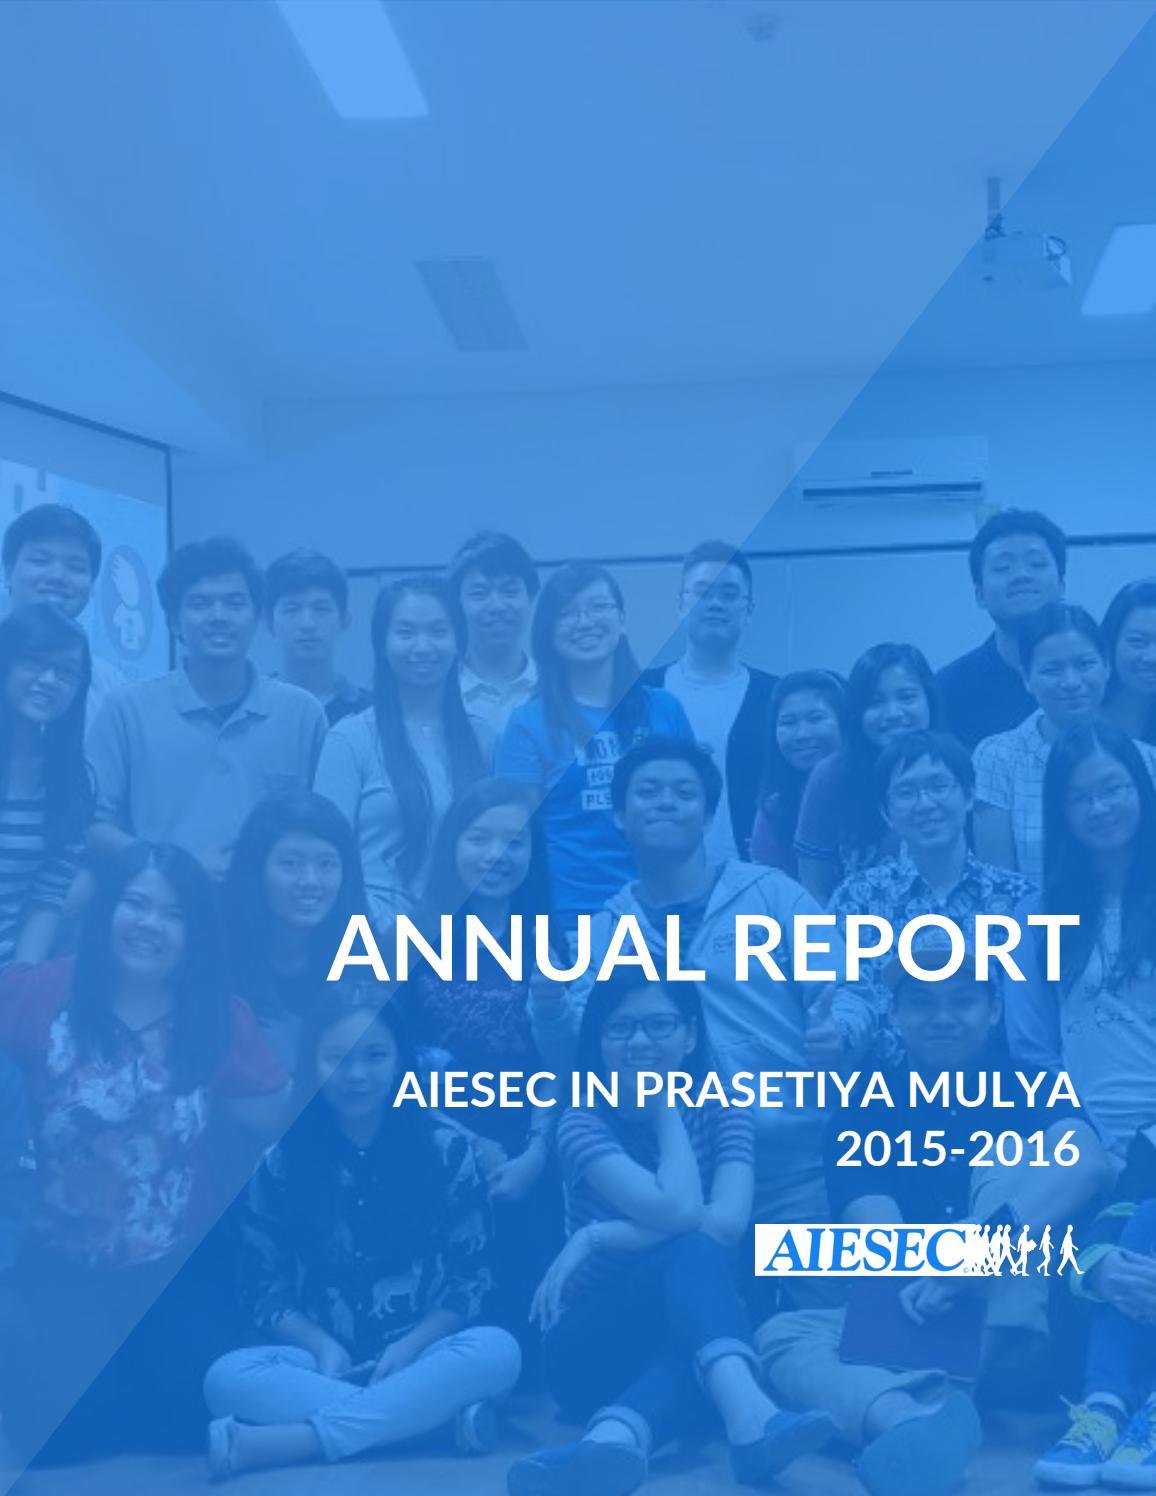 Annual Report Aiesec In Prasetiya Mulya 2015 2016 By